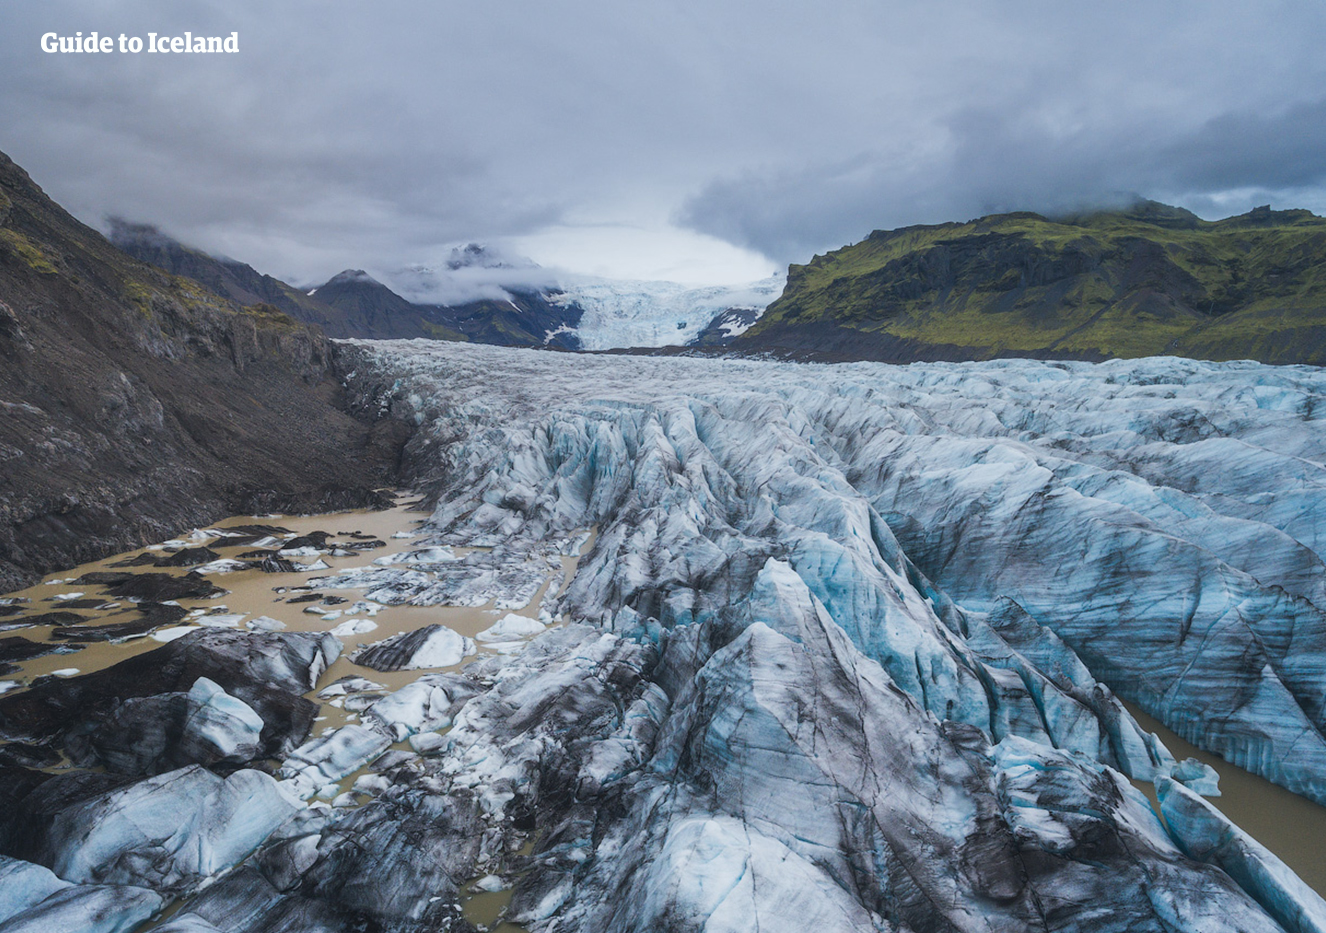 스카프타페들의 빙하. 왕좌의 게임 속 '장벽 너머' 세상으로 촬영되었습니다.